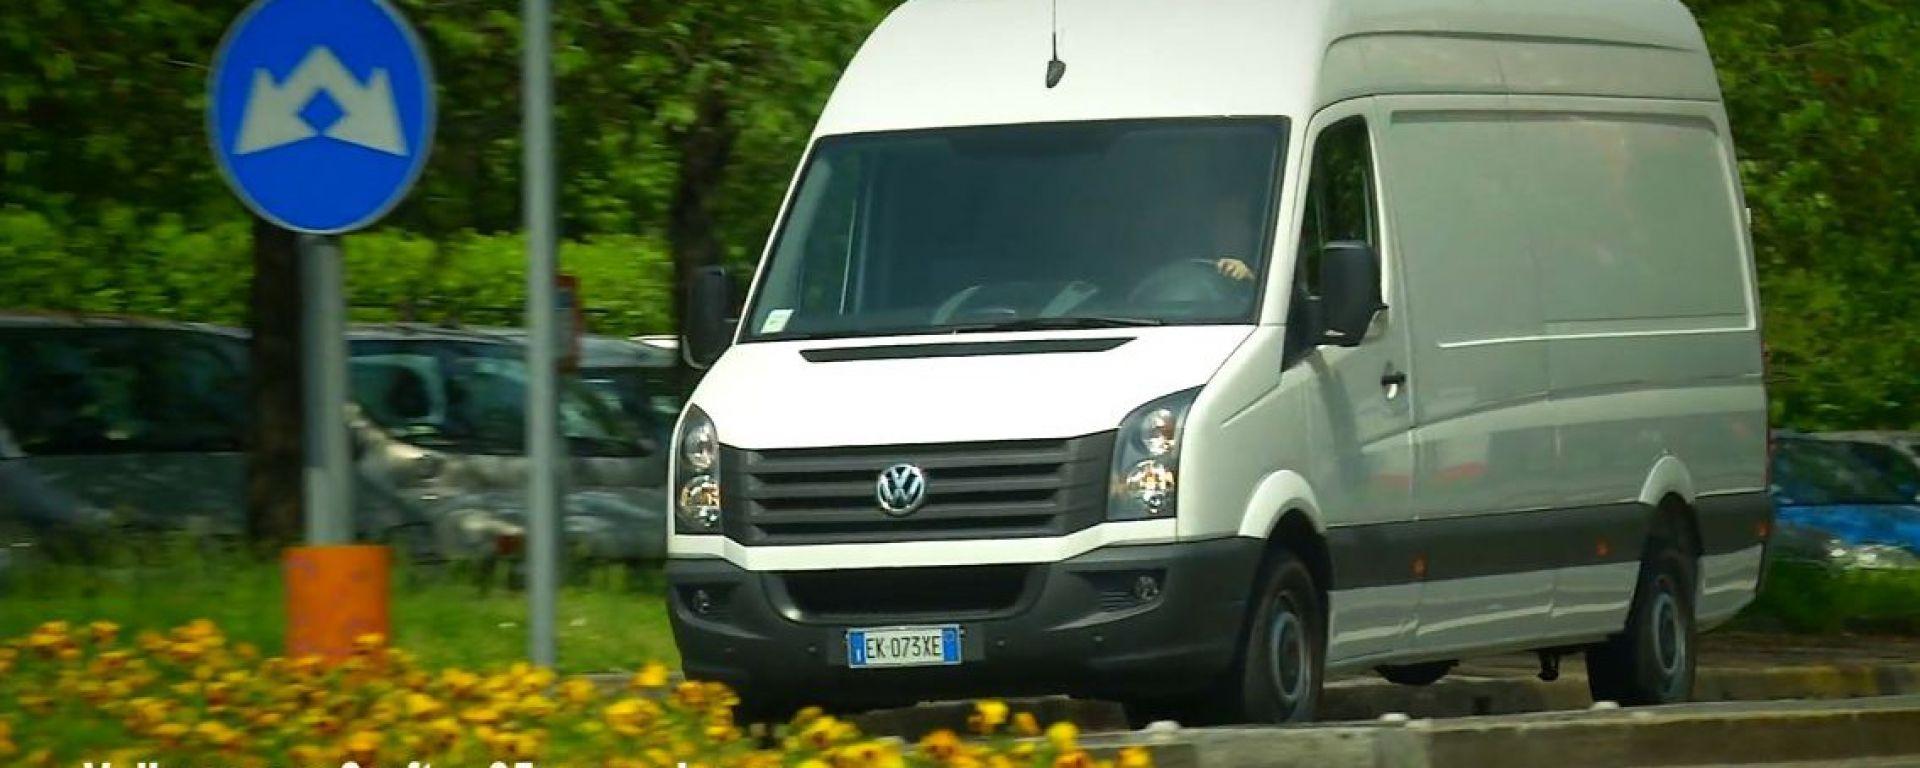 Volkswagen Crafter 35 passo lungo